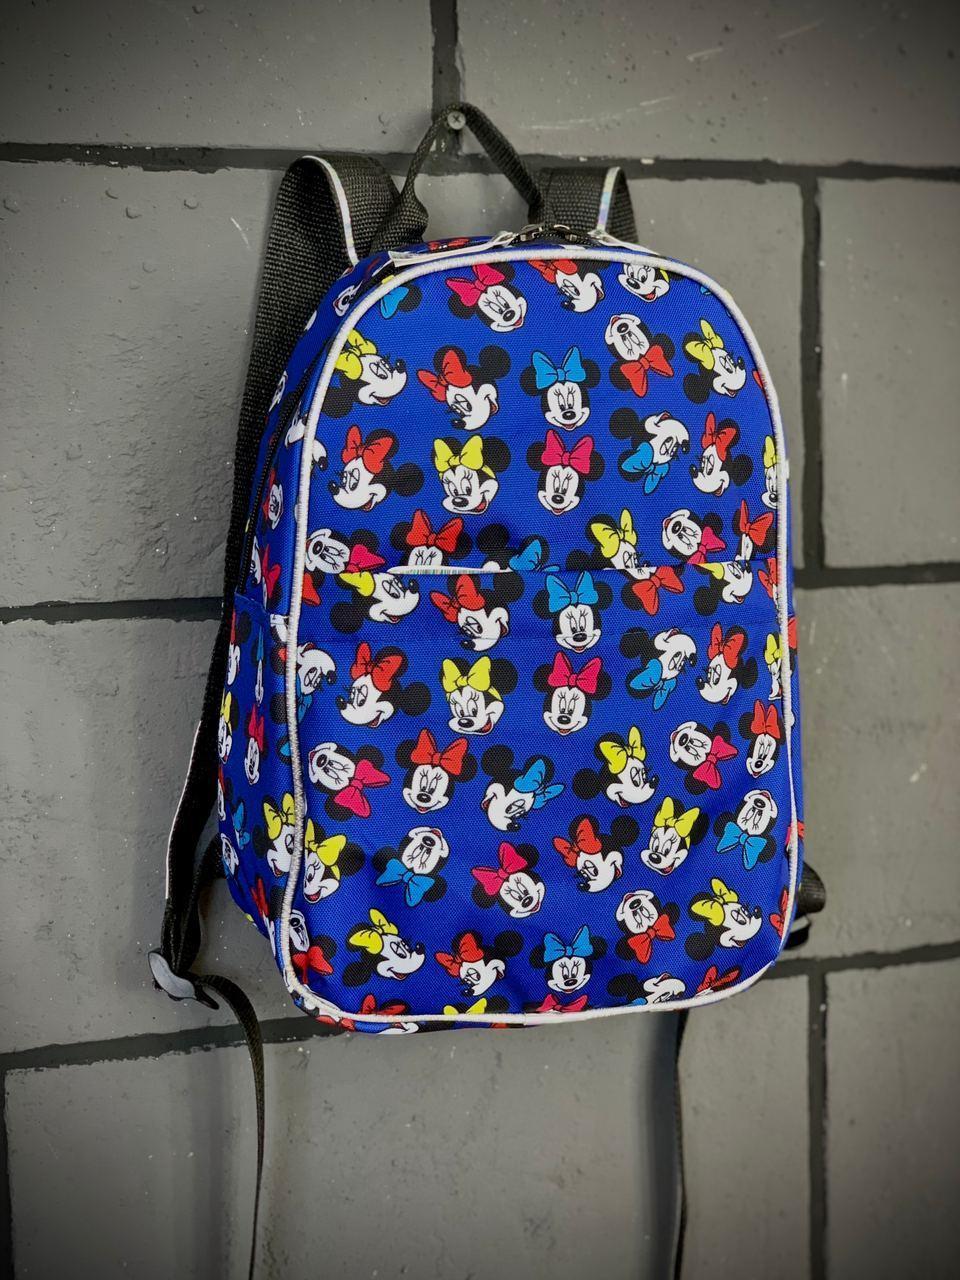 Рюкзак Mickey Mouse Женский   Детский Городской микки маус голубой mini